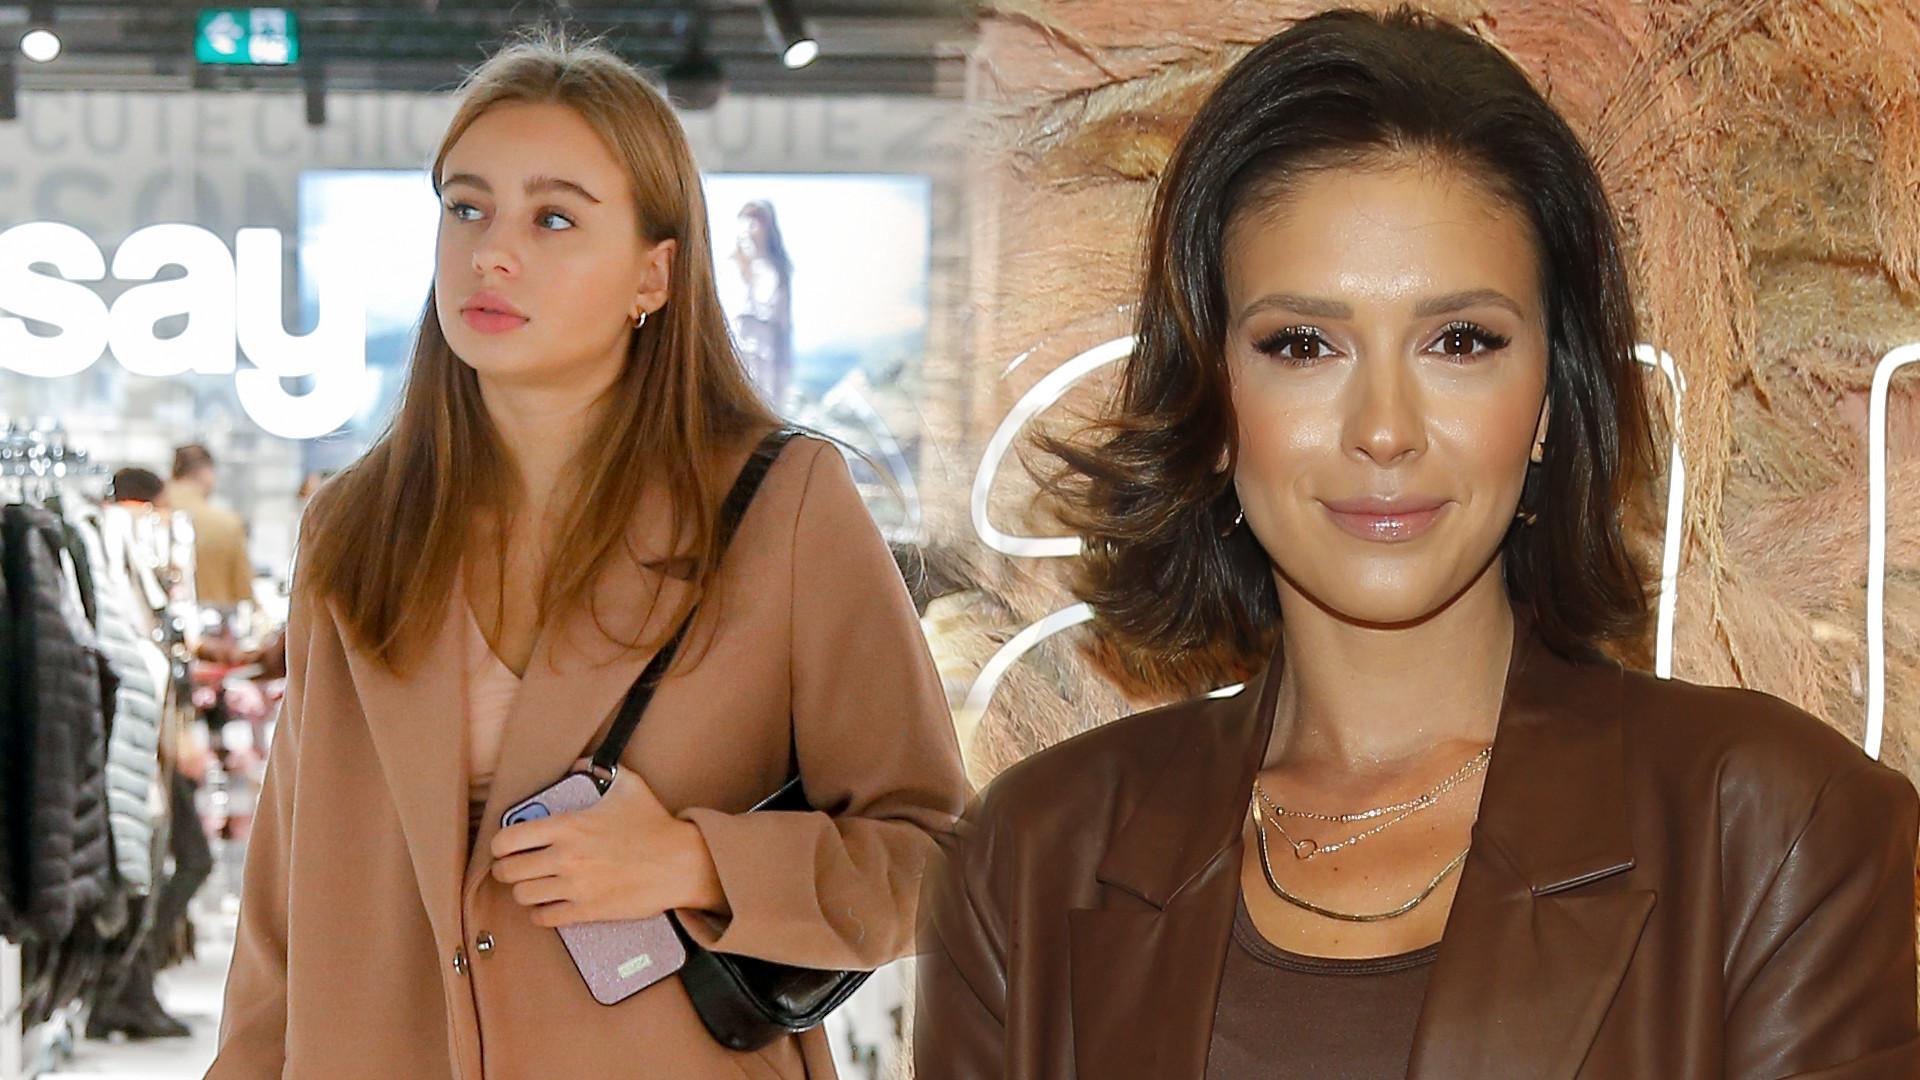 Oliwia Bieniuk w skórzanej mini i Klaudia Halejcio w krótkim topie na otwarciu sklepu (ZDJĘCIA)